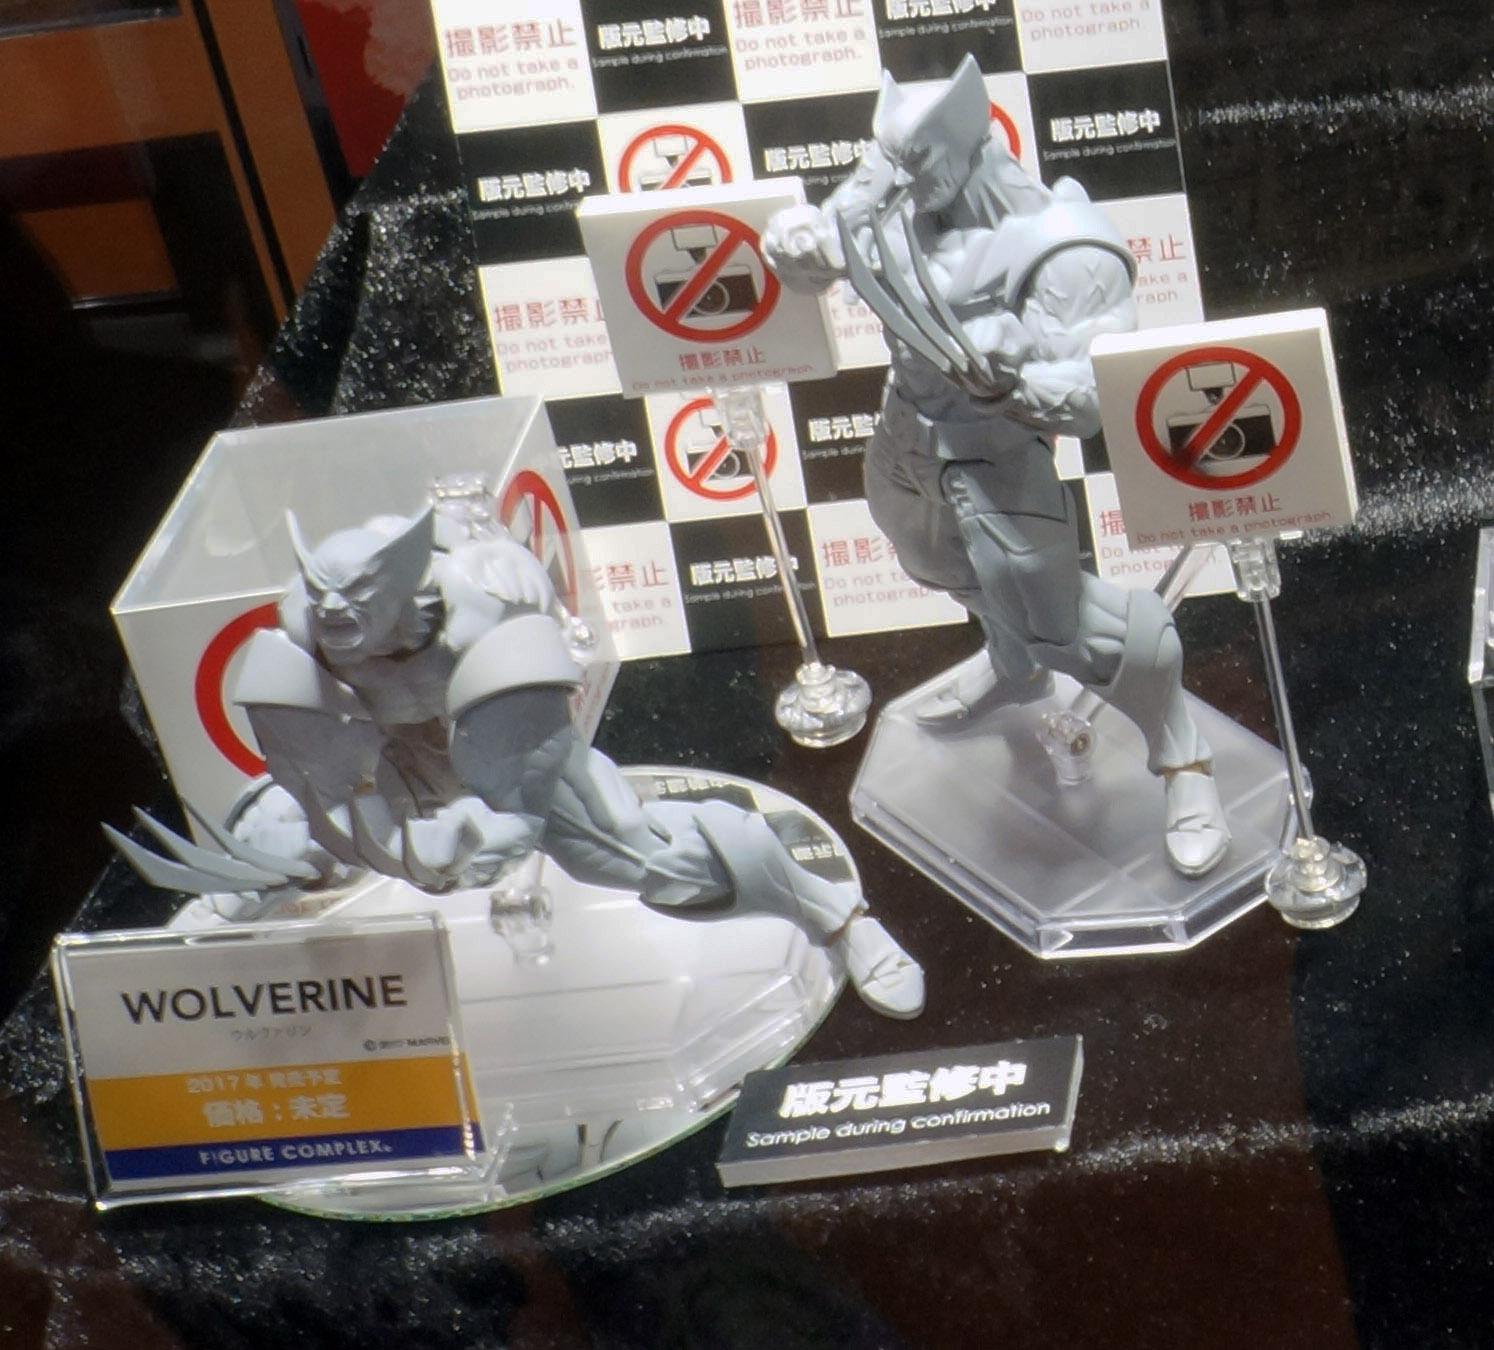 revoltech marvel kaiyodo wolverine x-men yamaguchi_katsuhisa amazing_yamaguchi